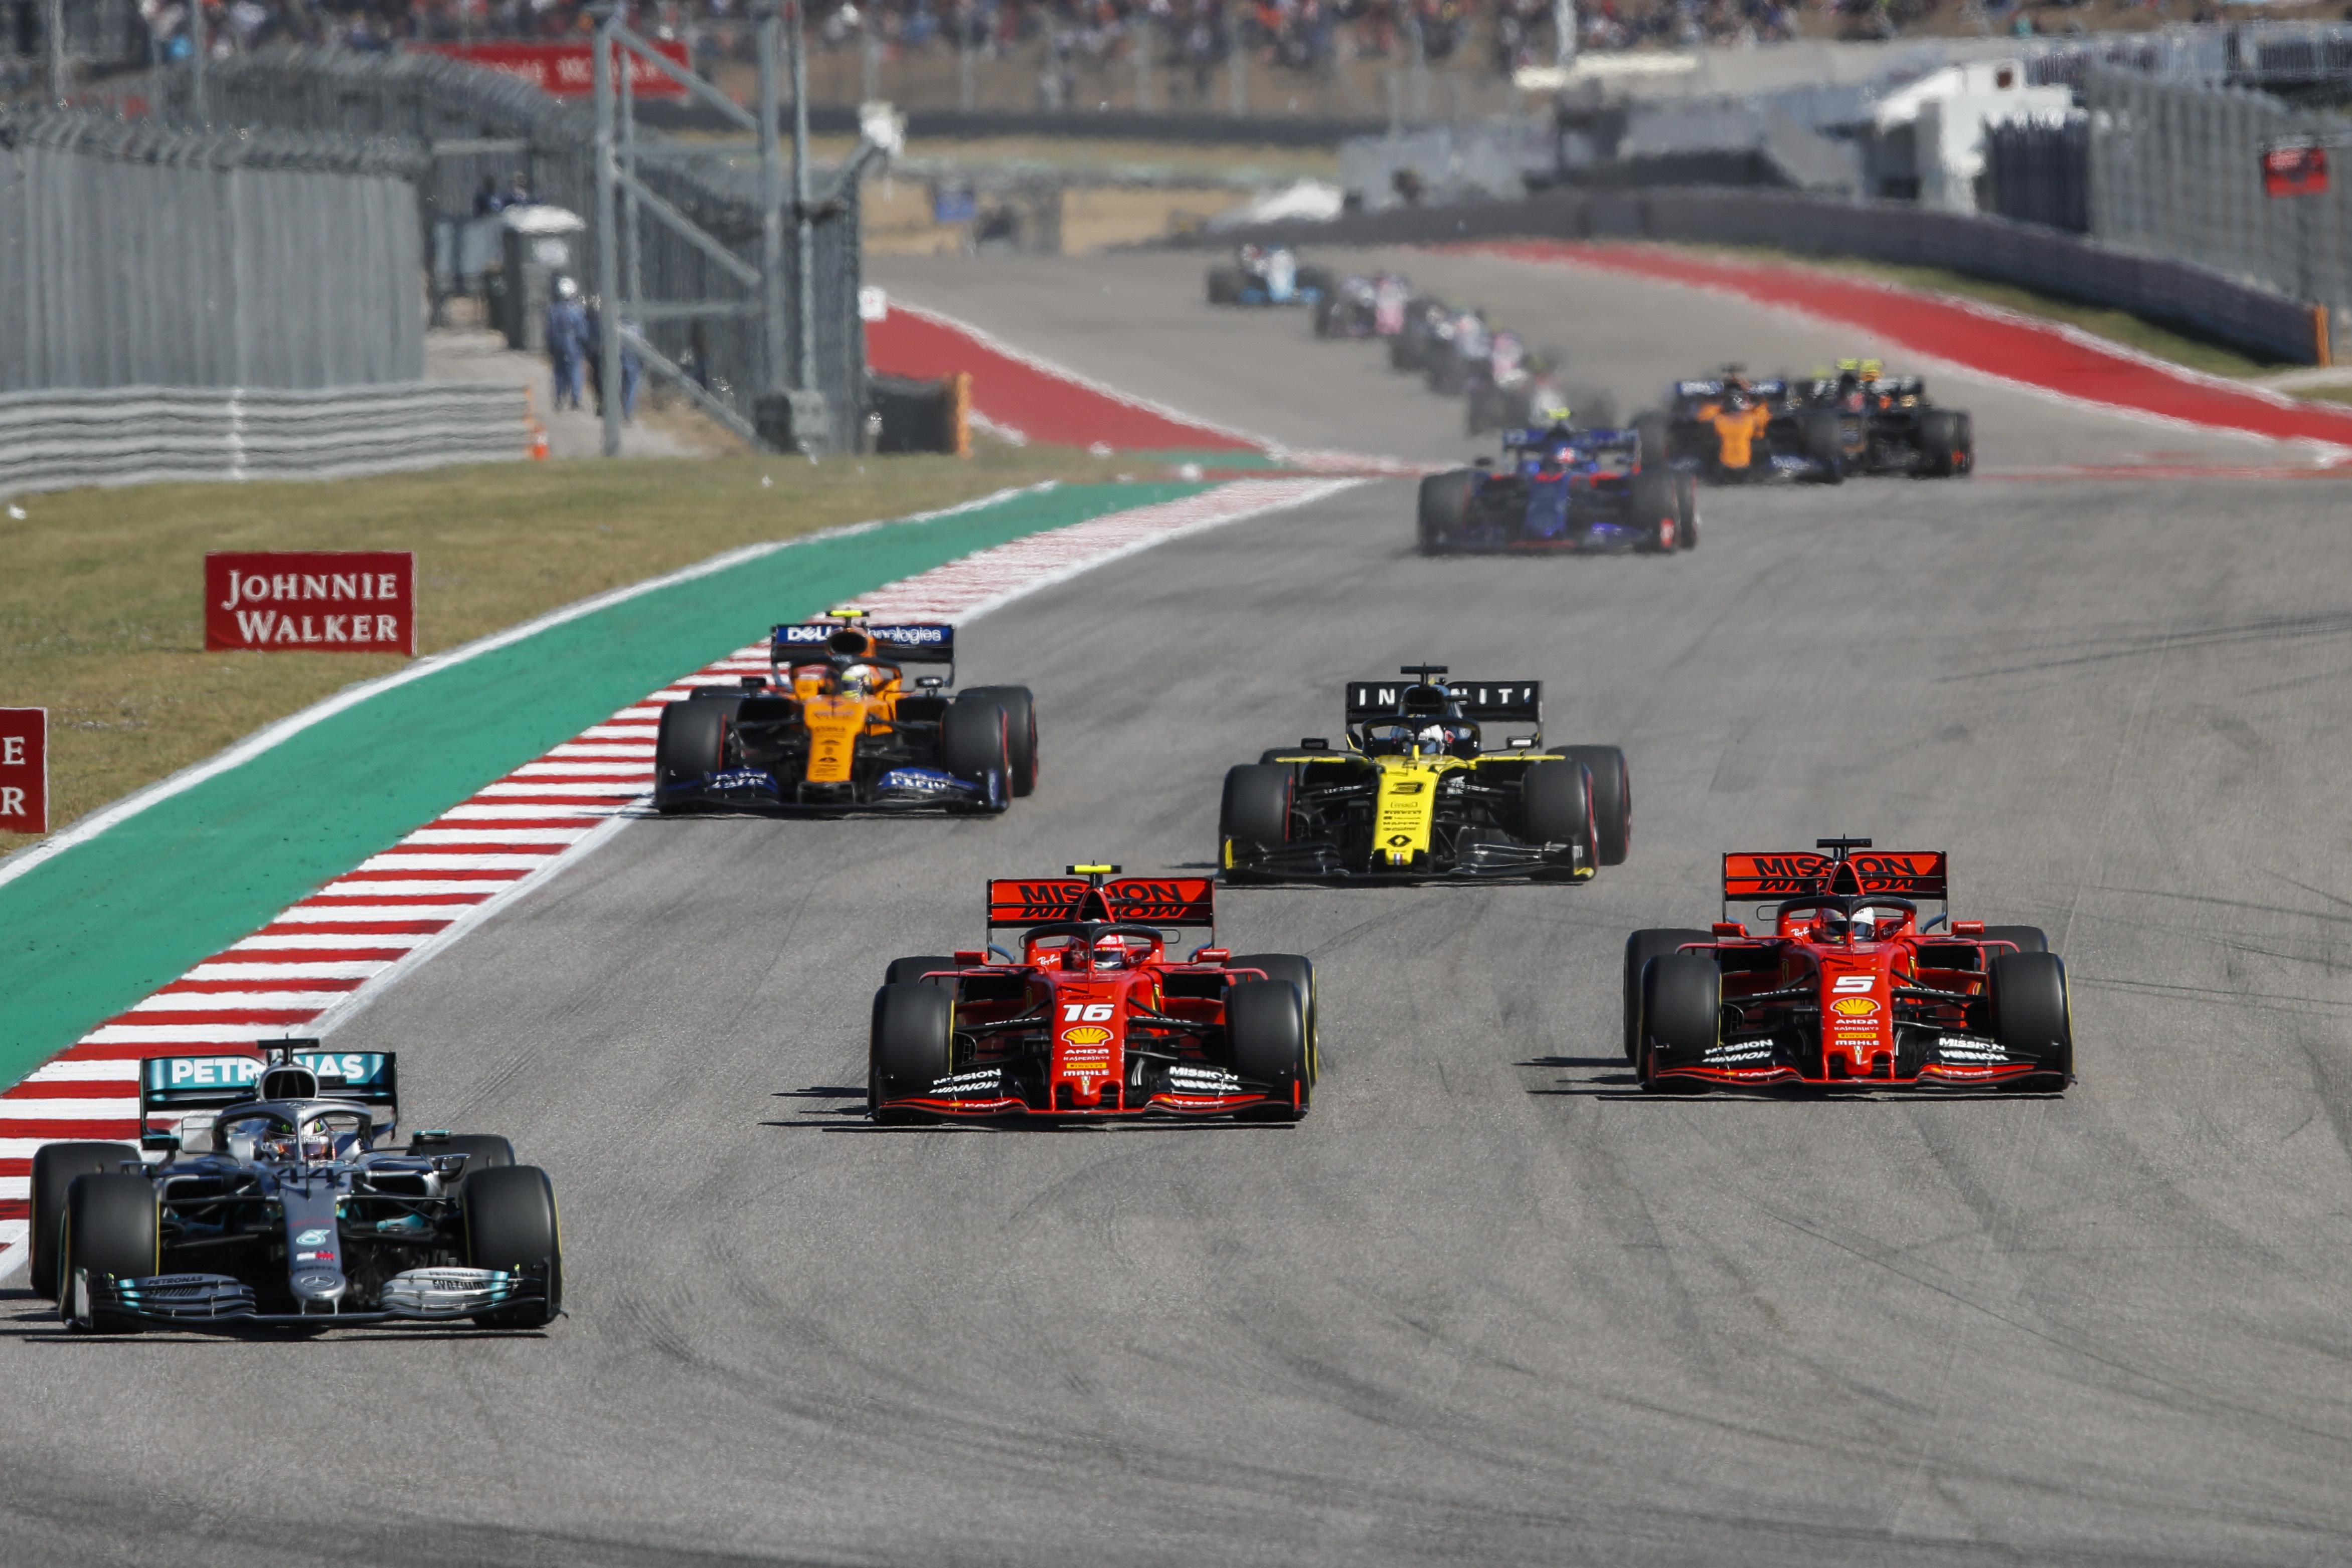 F1: Döntött az FIA, idén már nem fejleszthetnek 2022-re a csapatok